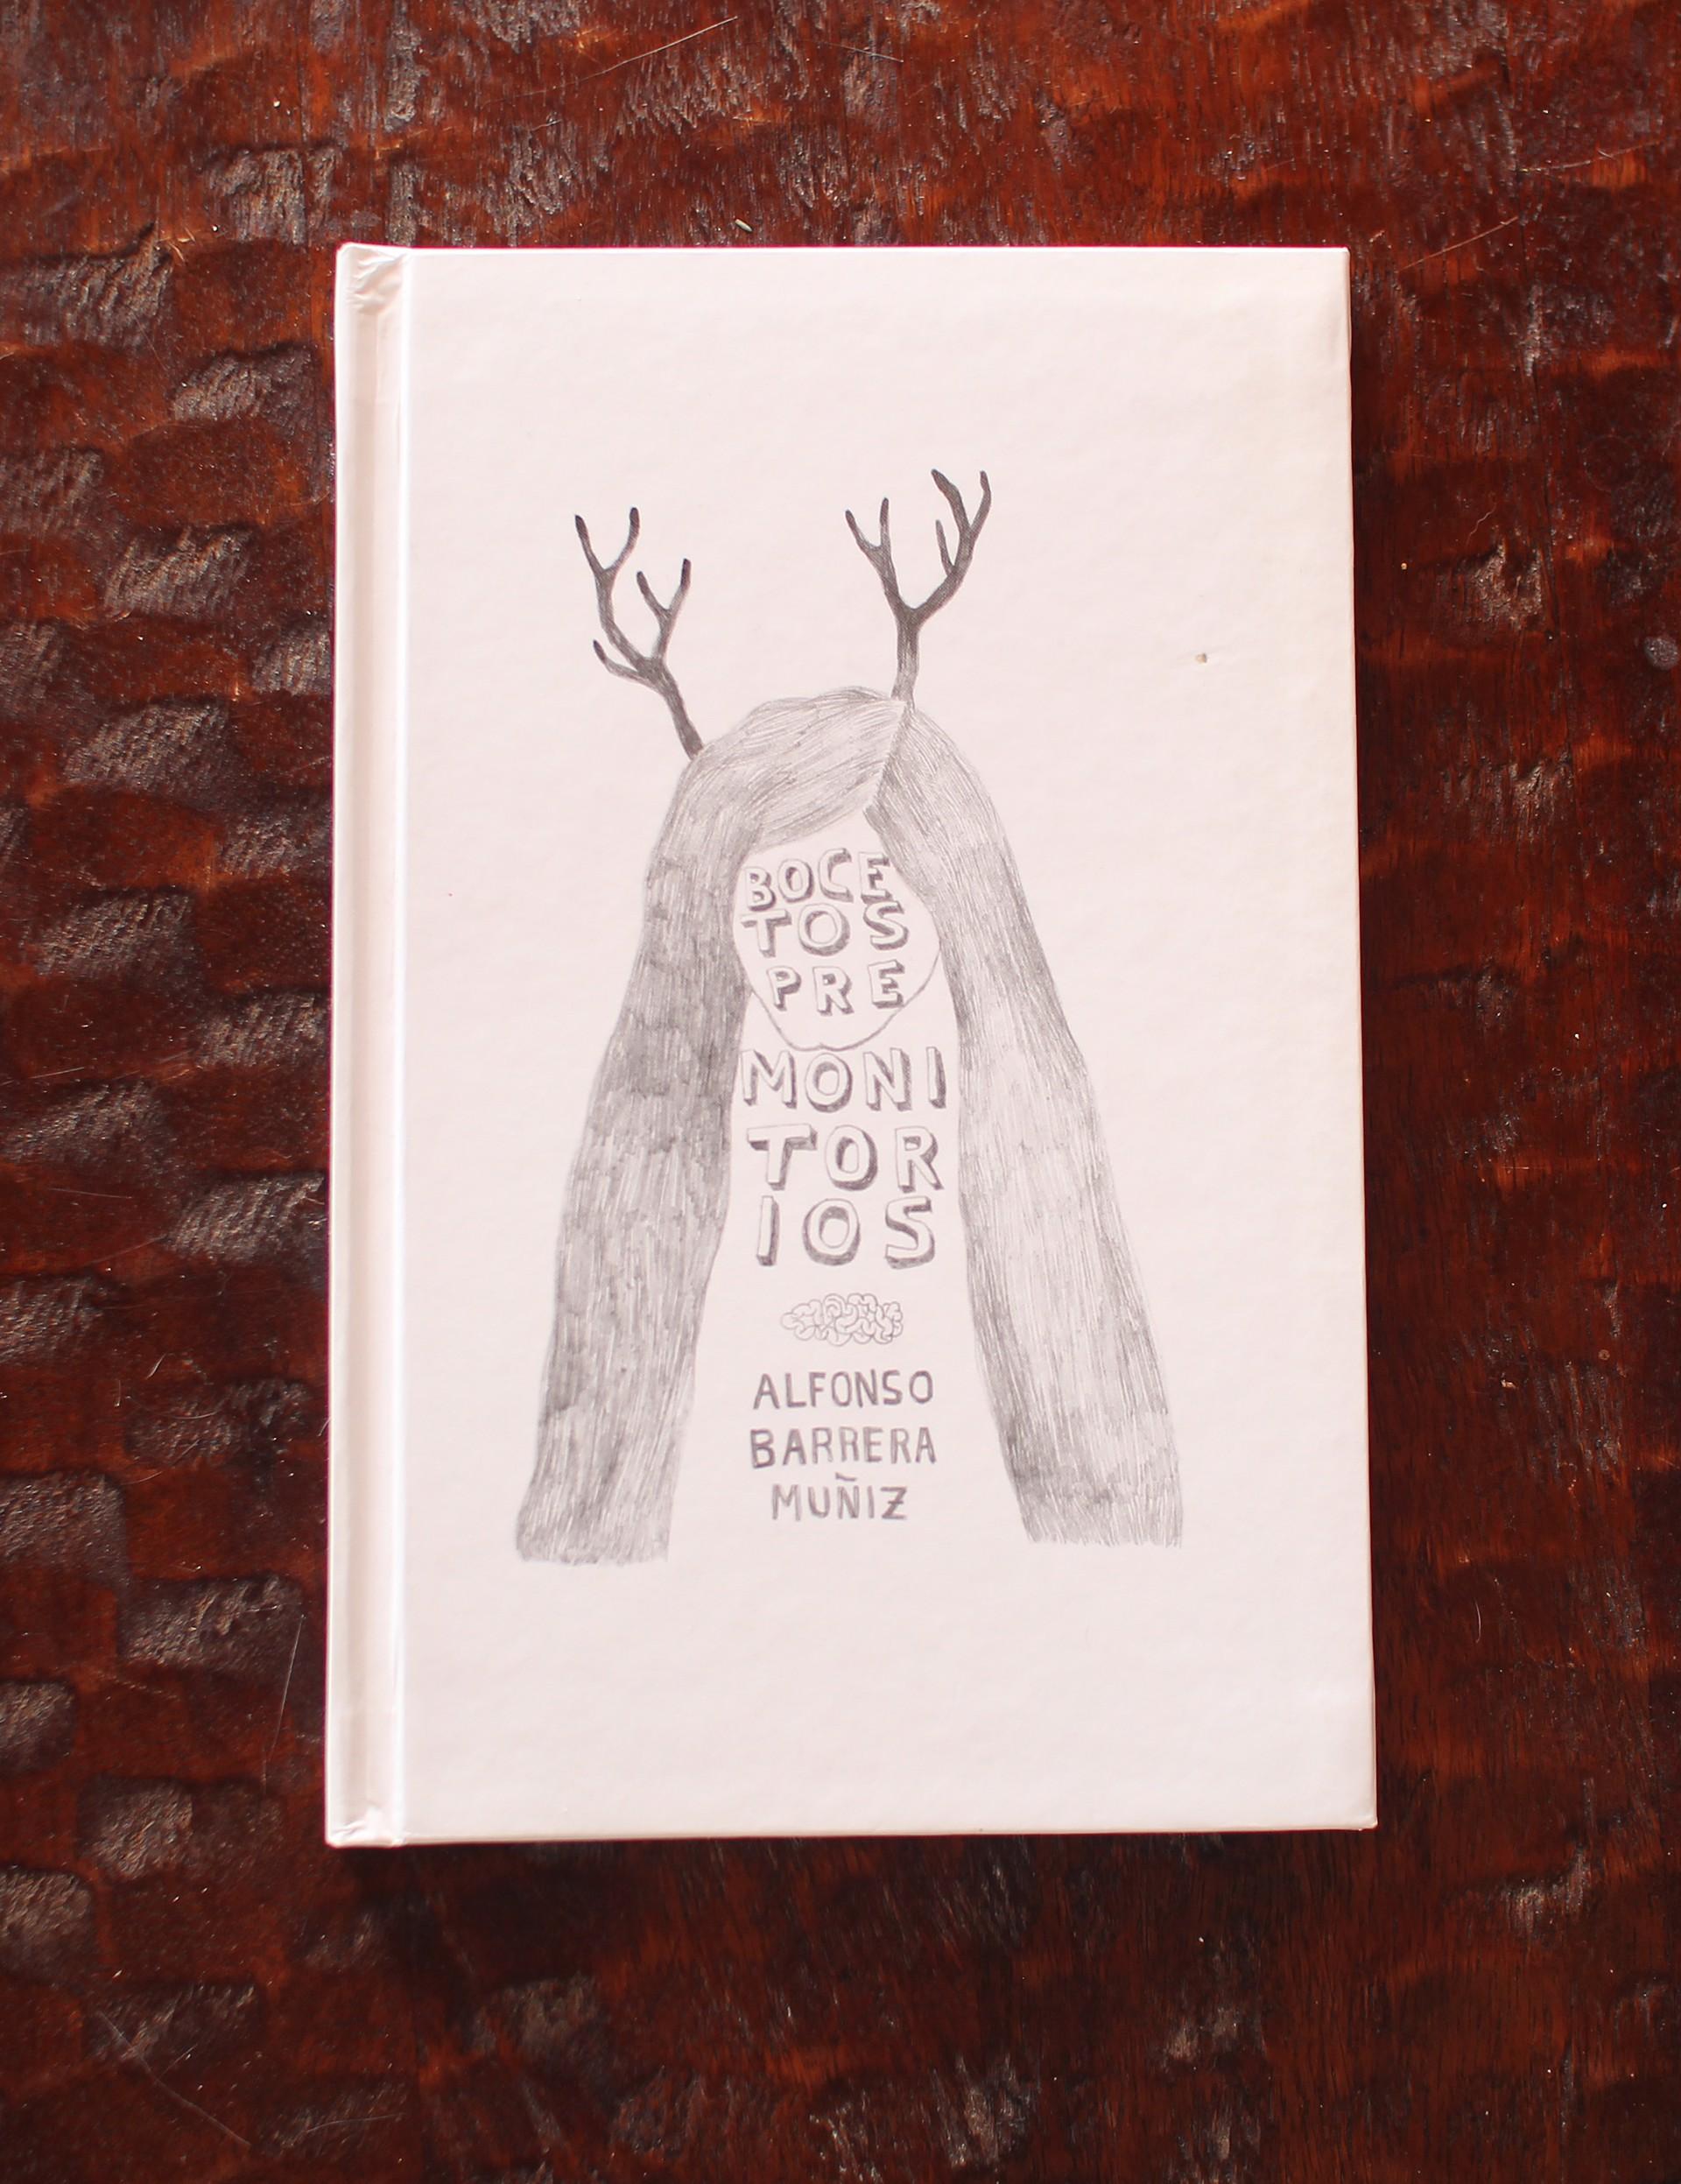 Bocetos Premonitorios by Polvoh Press